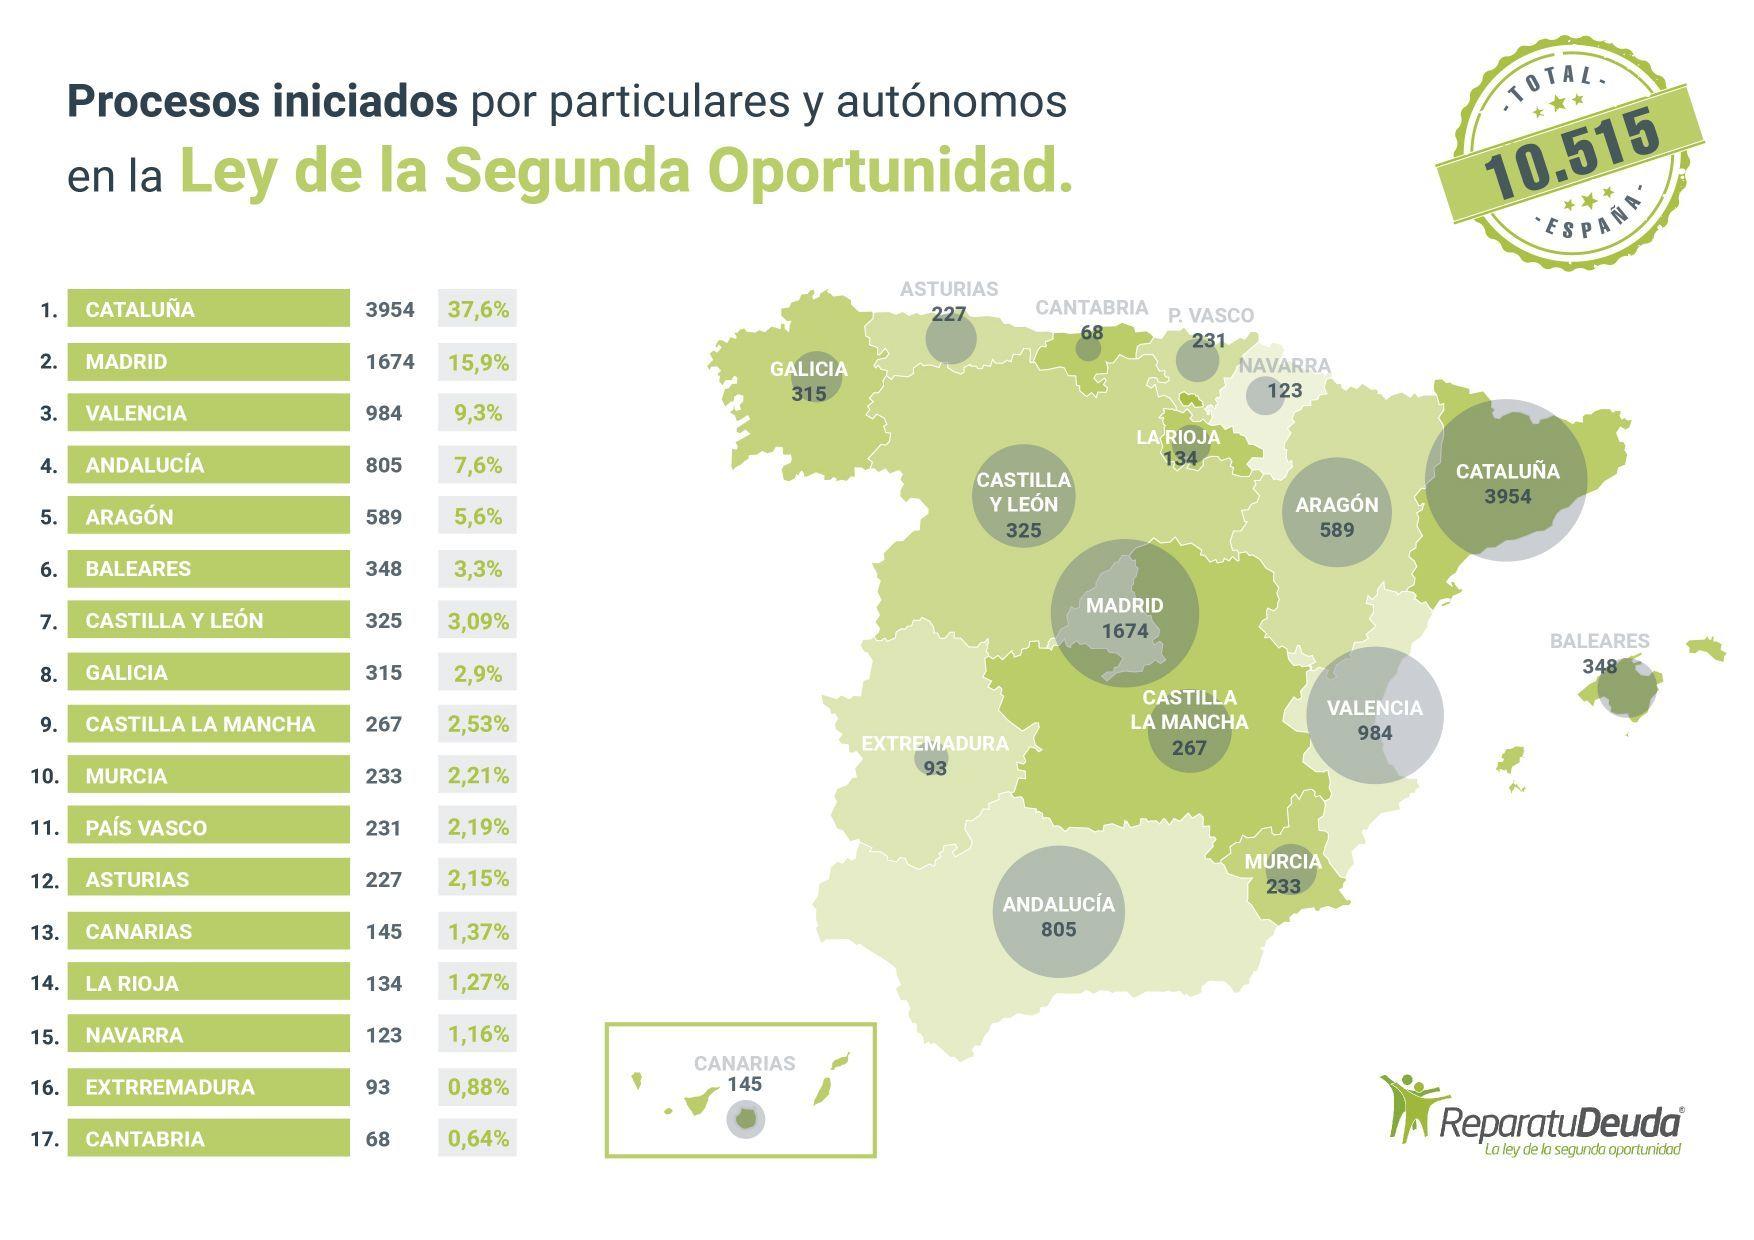 Repara tu deuda informa que 233 personas endeudadas en Murcia se acogen a la Ley de Segunda Oportunidad